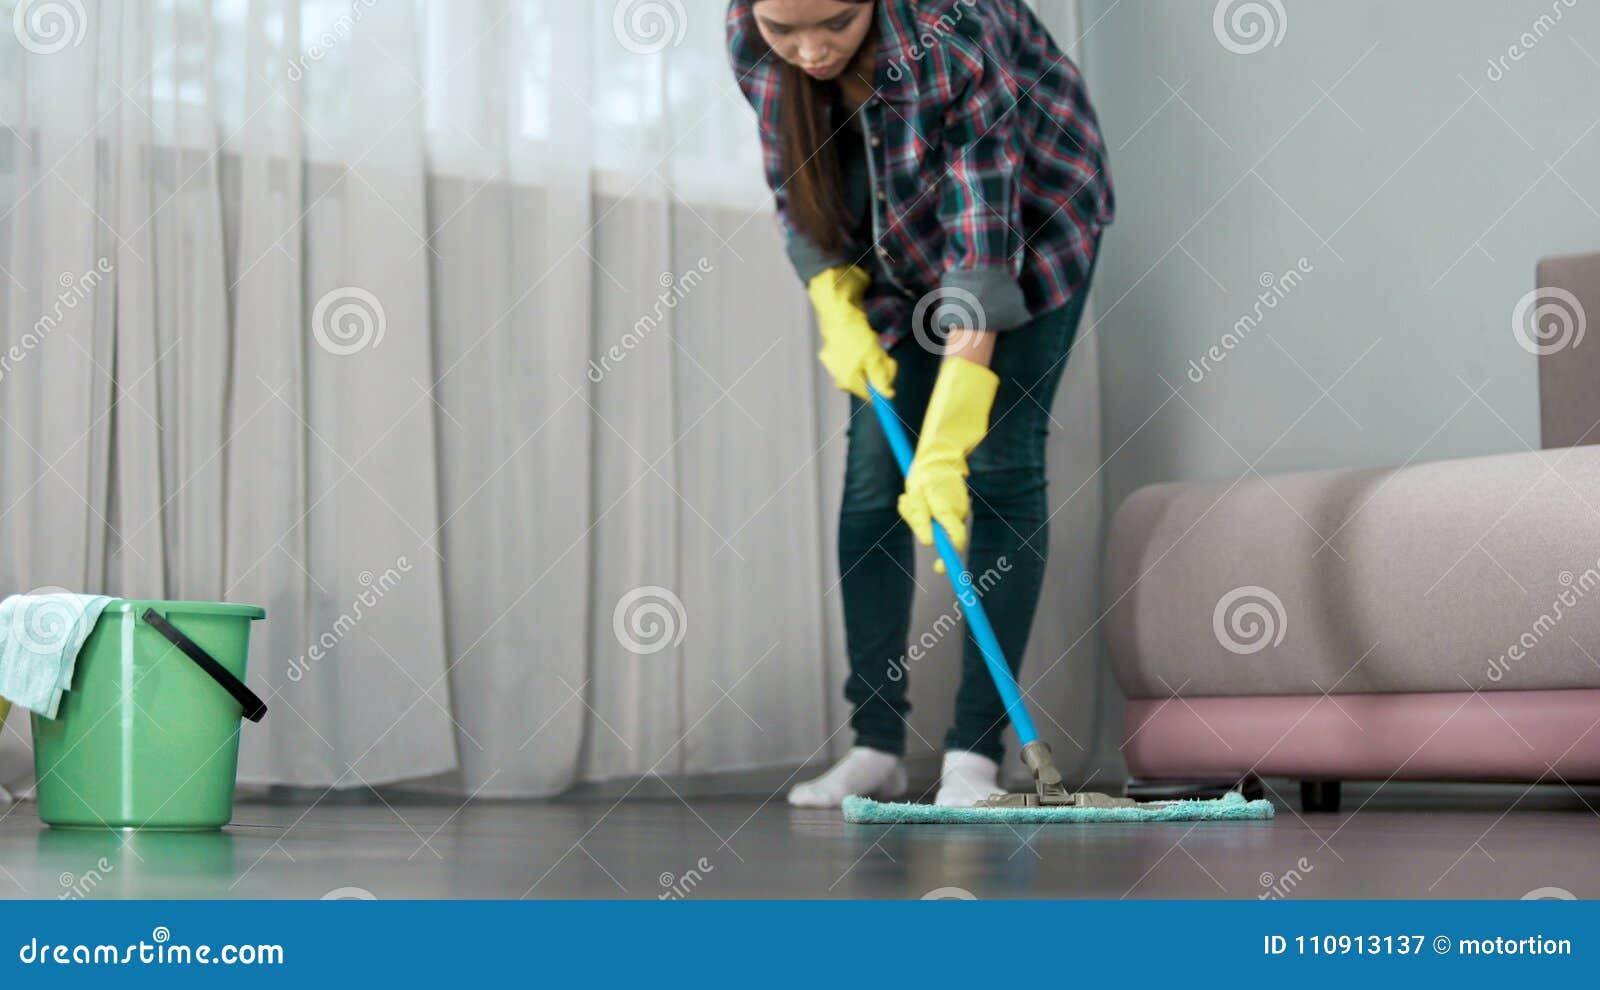 Meisje die zorgvuldig vloer van hotelruimte wassen vóór aankomst van gasten, het schoonmaken